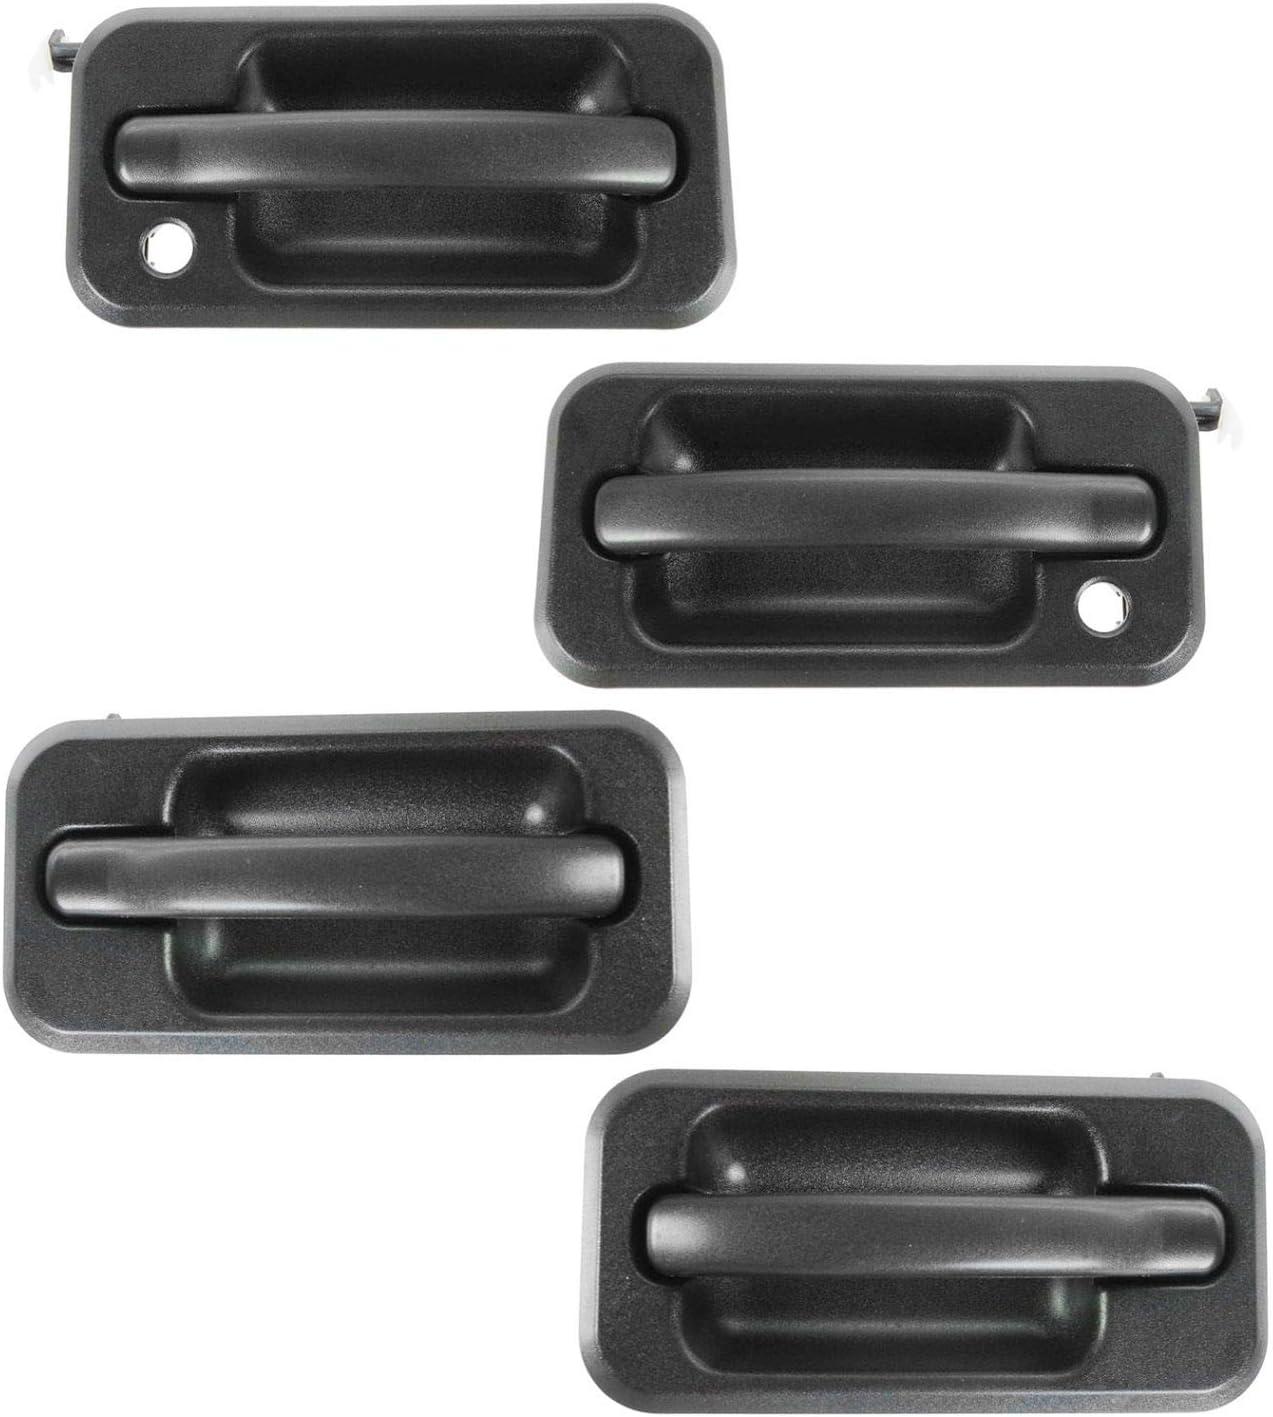 Exterior Outside Door Handle Chrome Black Front RH Passenger Side for 03-05 H2